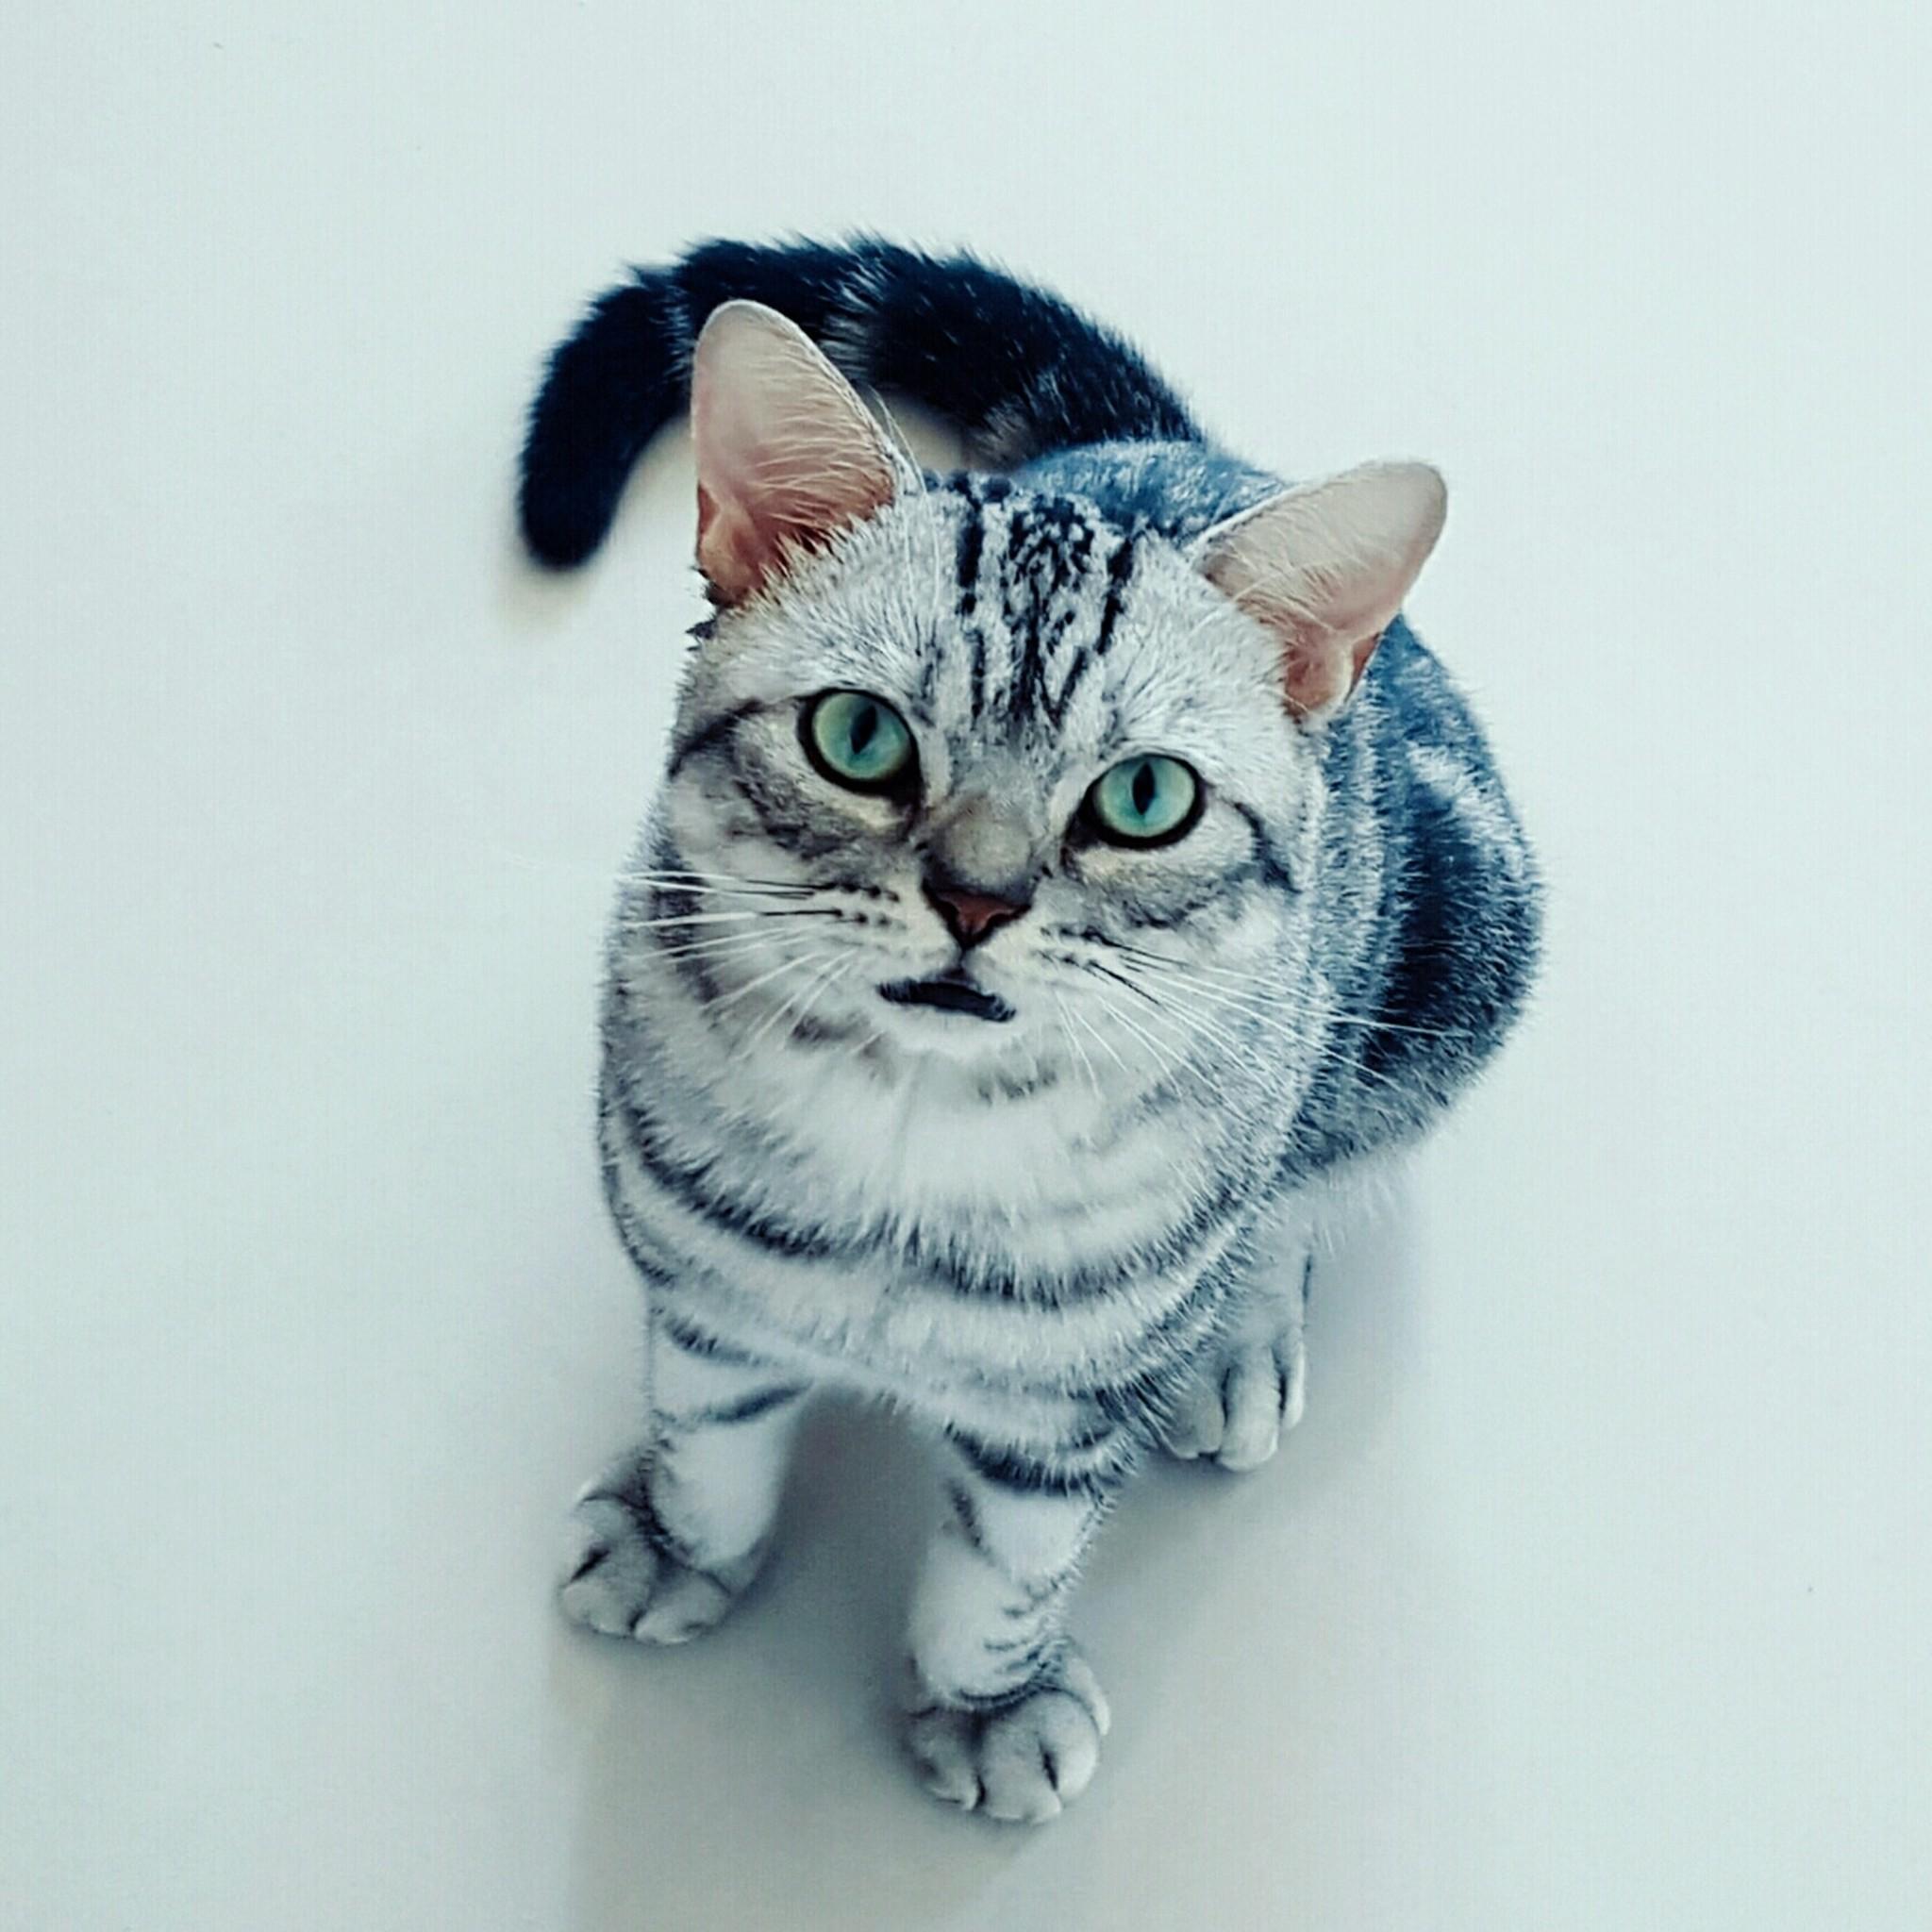 公猫绝育后要注意什么图片